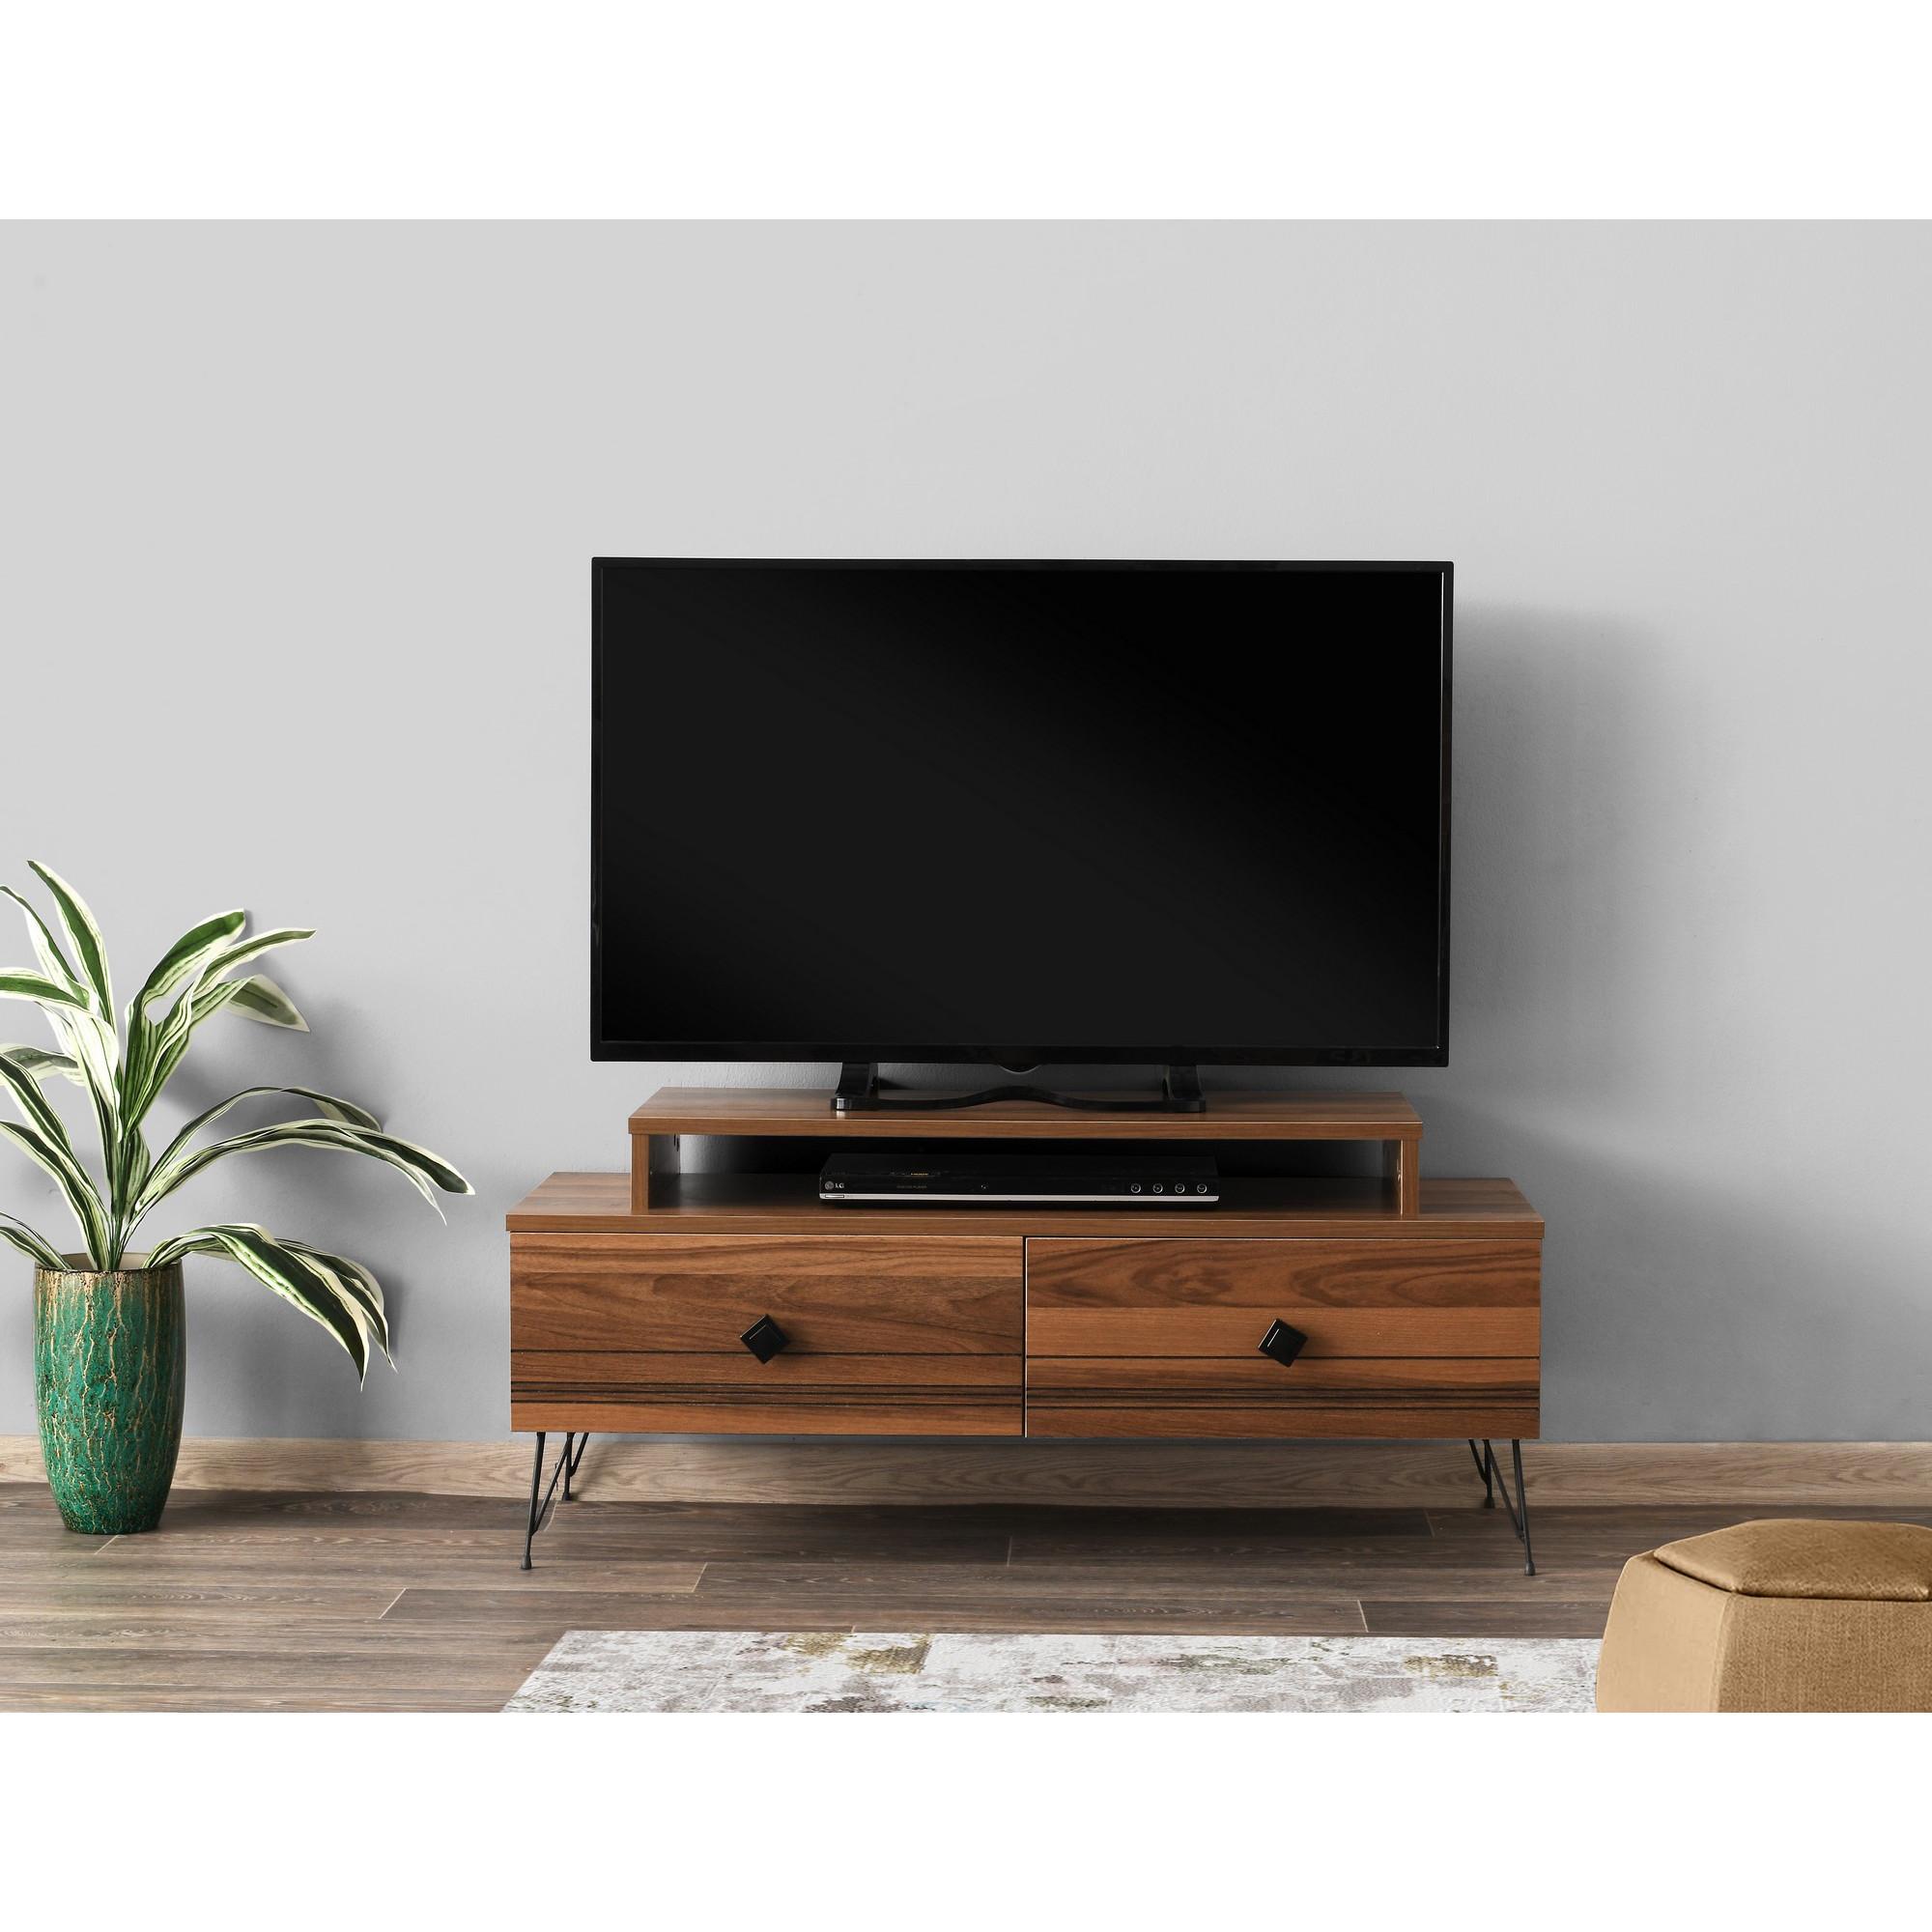 TV-Ständer Kardelen | Naturholz & Schwarz